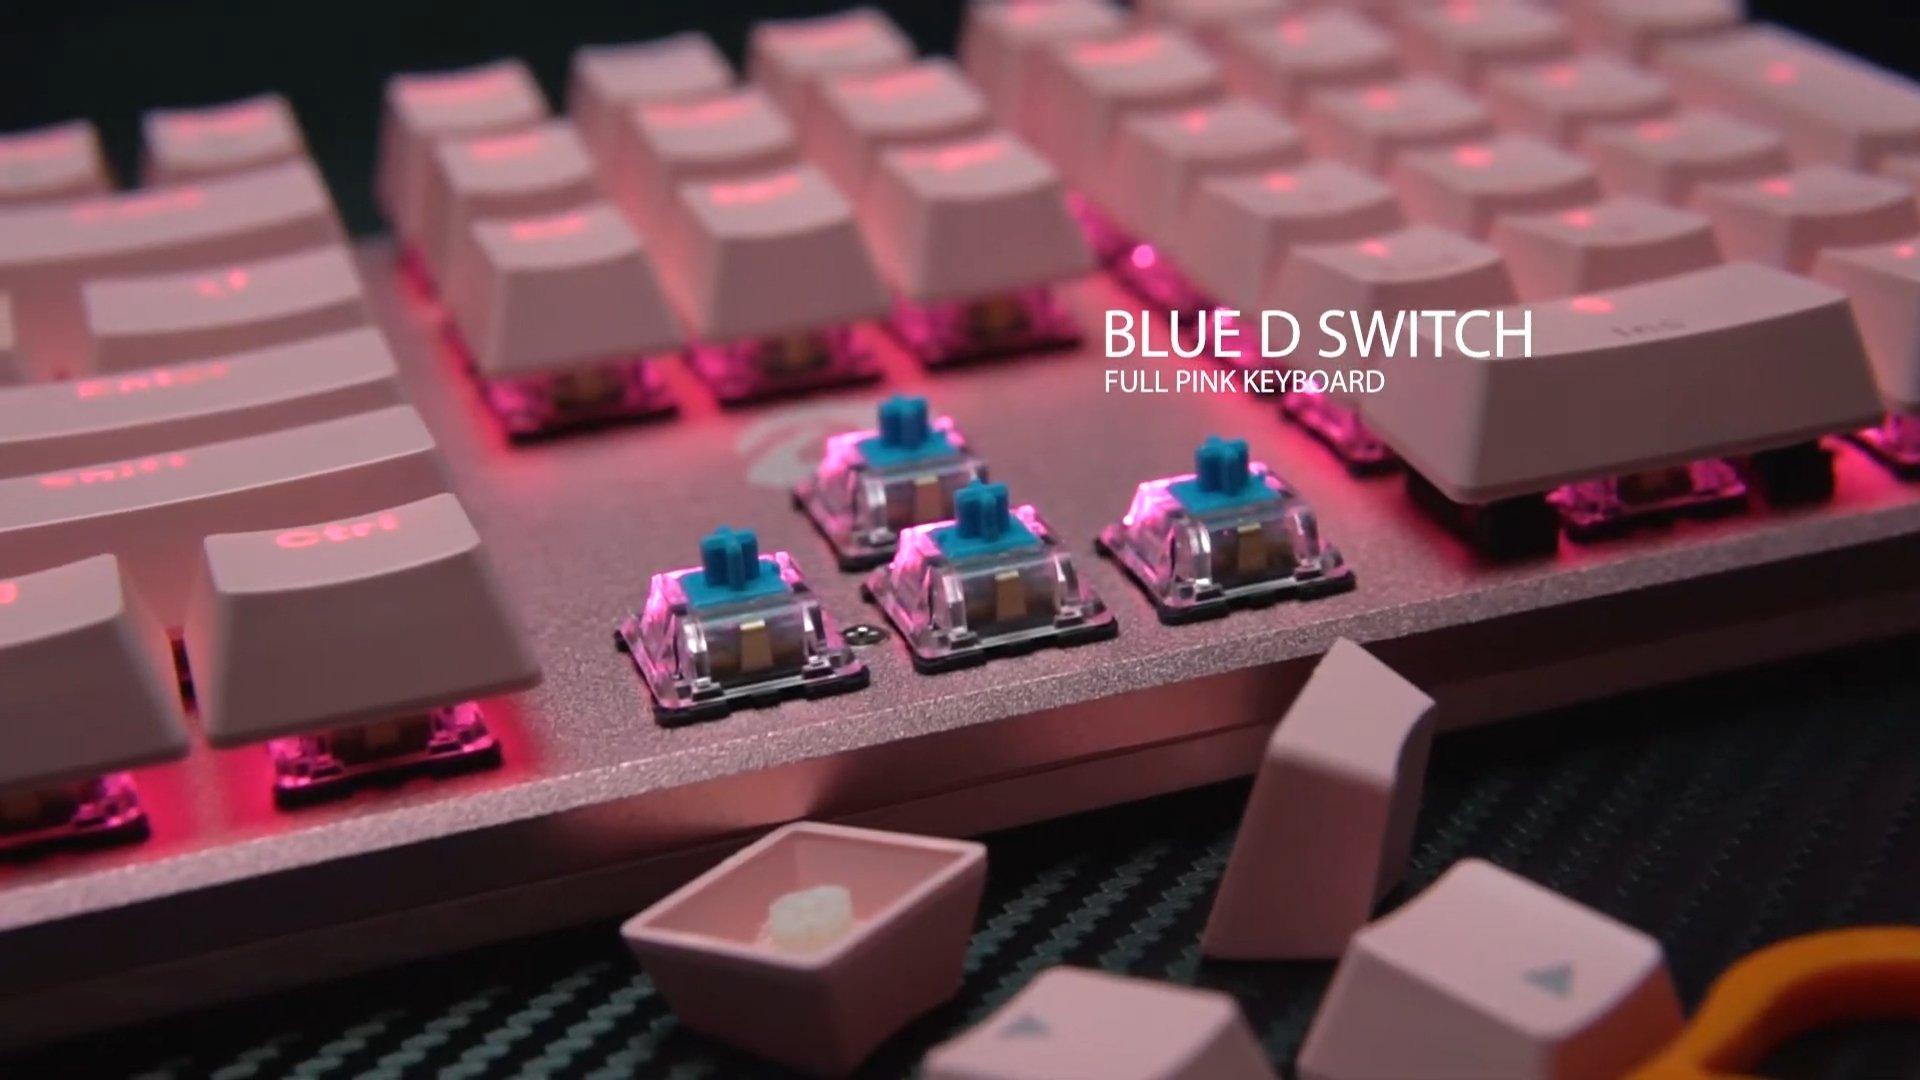 Bàn Phím cơ Dareu EK810 Pink (USB/Pink Led/Blue switch) sử dụng switch D độc quyền DareU